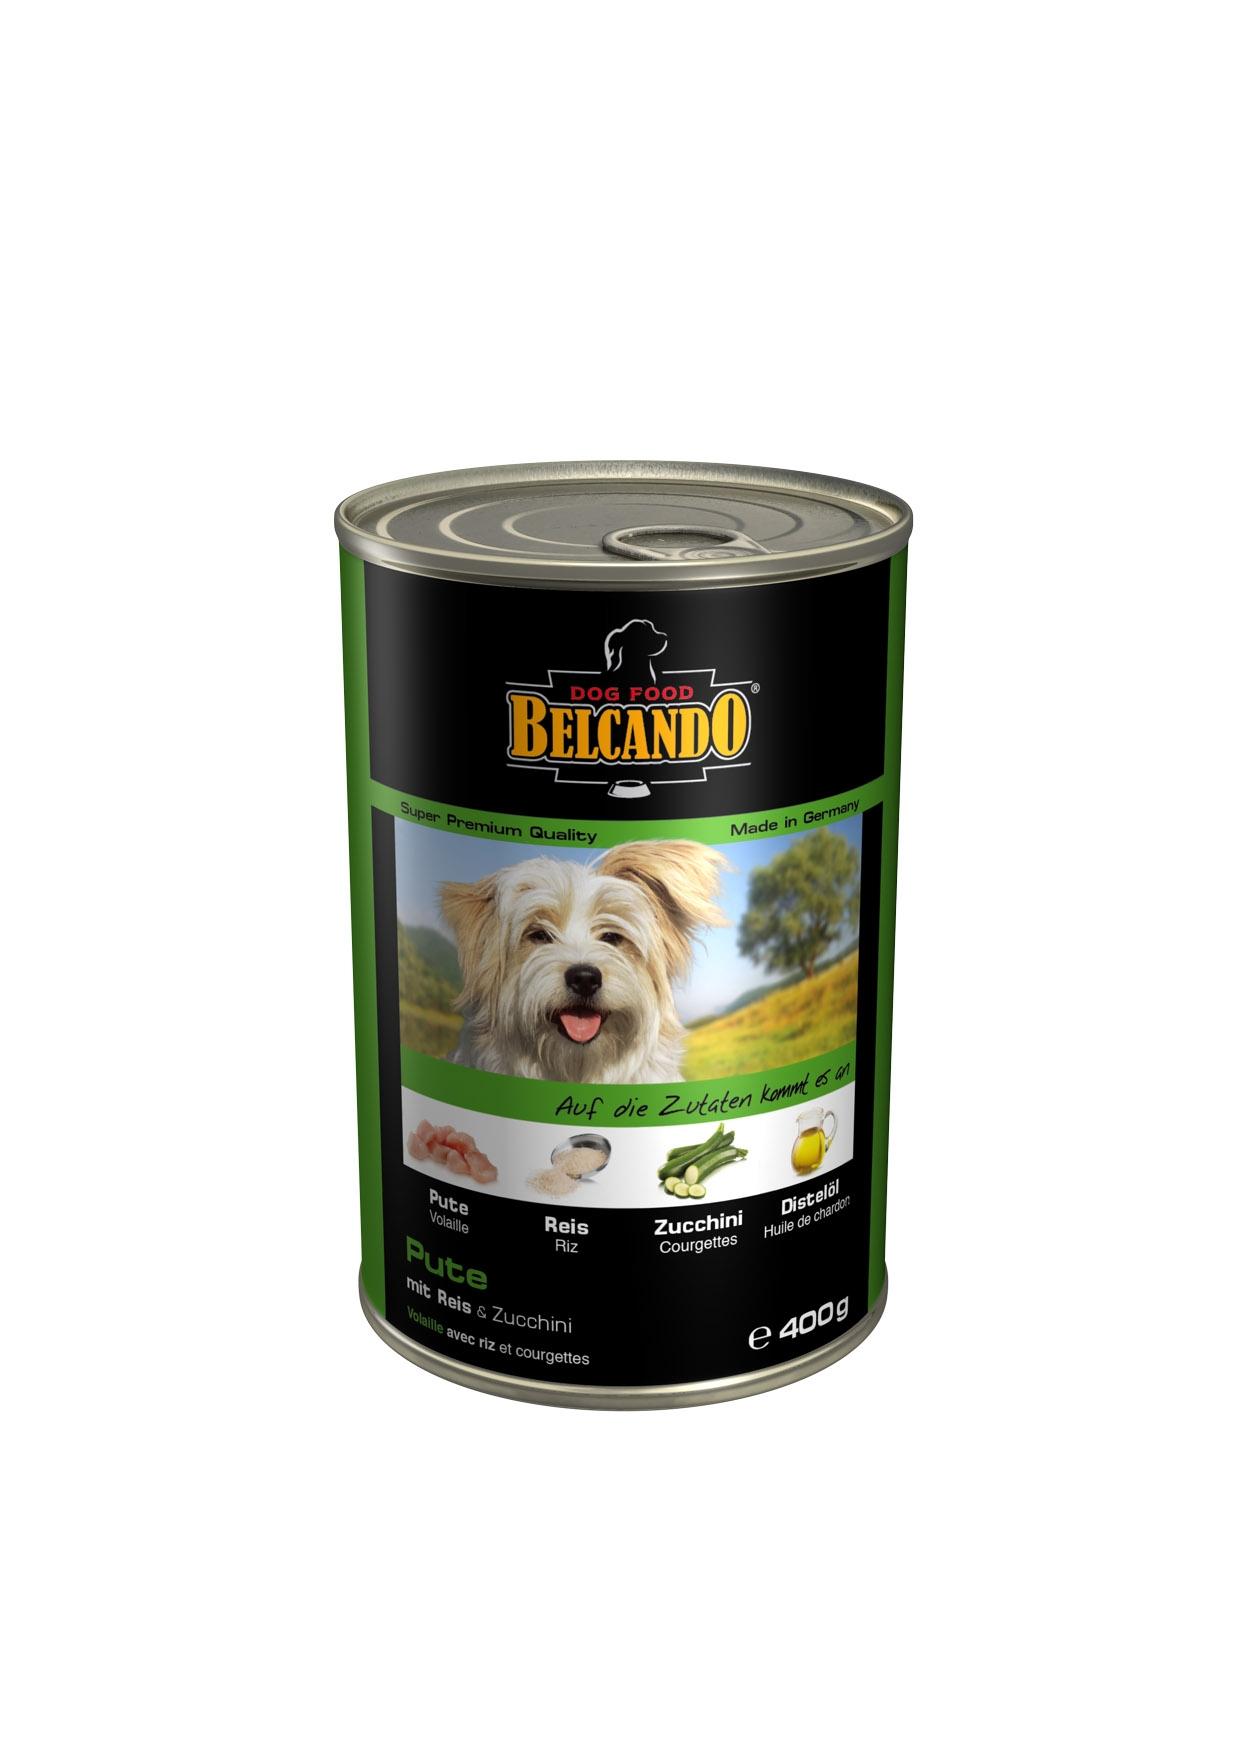 Консервы для собак Belcando, с мясом и овощами, 400 г13150Консервы Belcando - это полнорационное влажное питание для собак. Подходят для собак всех возрастов. Комбинируется с любым типом корма, в том числе с натуральной пищей. Состав: мясо 93,8%, овощи 5%, витамины и минералы 1,2%. Анализ состава: протеин 14 %, жир 5 %, клетчатка 0,3 %, зола 2,5 %, влажность 79 %, витамин А 2,500 МЕ/кг, витамин Е 40 мг/кг, витамин D3 250 МЕ/кг, кальций 0,4 %, фосфор 0,16 %. Вес: 400 г. Товар сертифицирован.